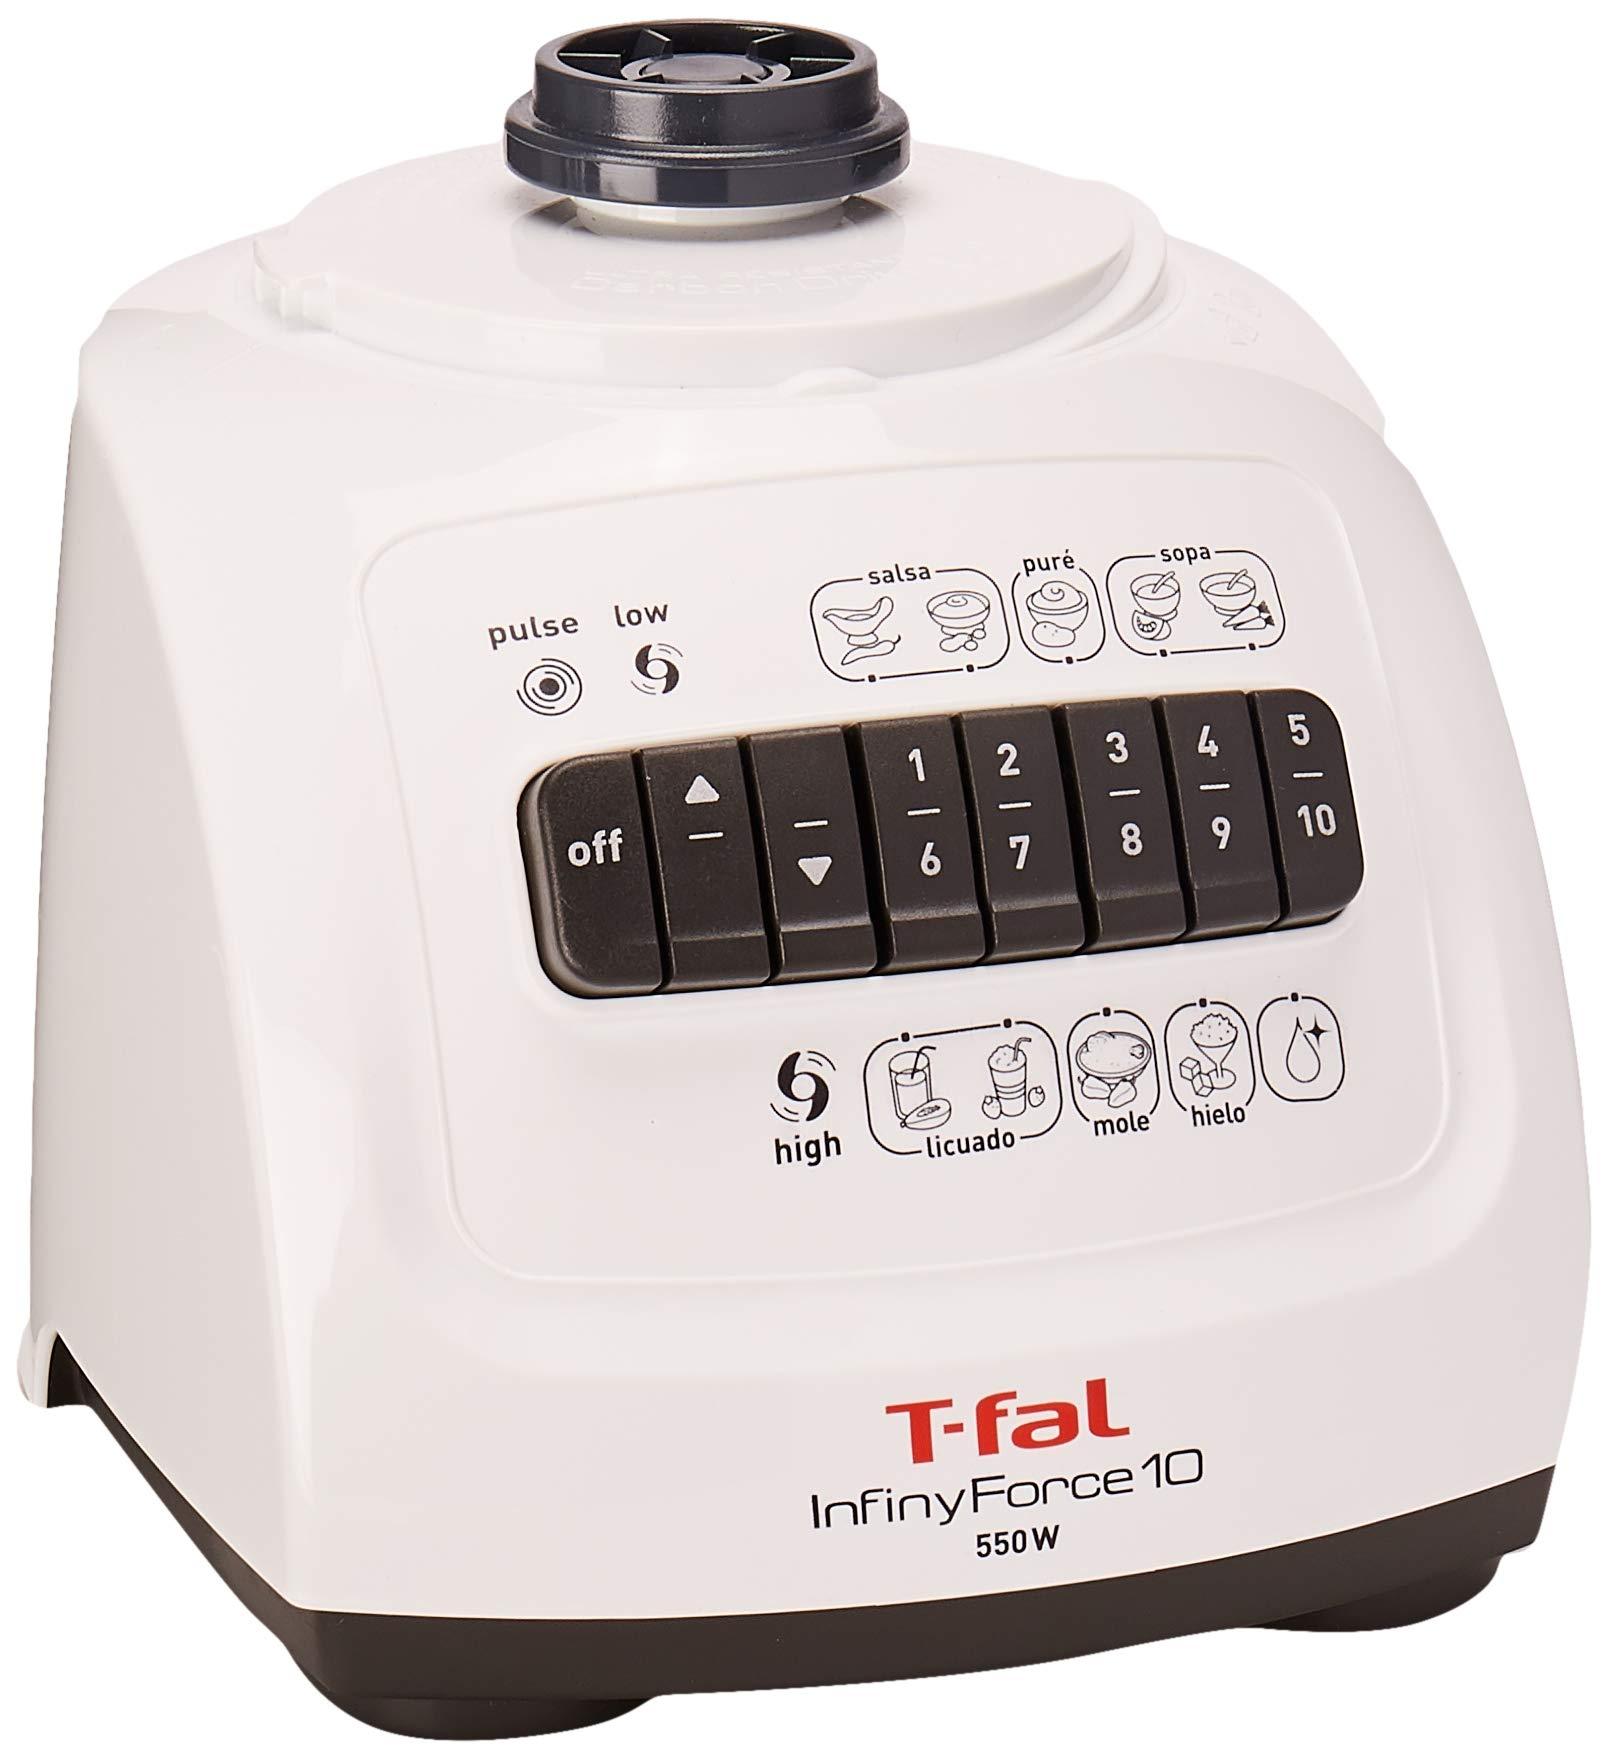 T-Fal InfinyForce 10 Batidora de vaso 1.25L 550W Blanco ...